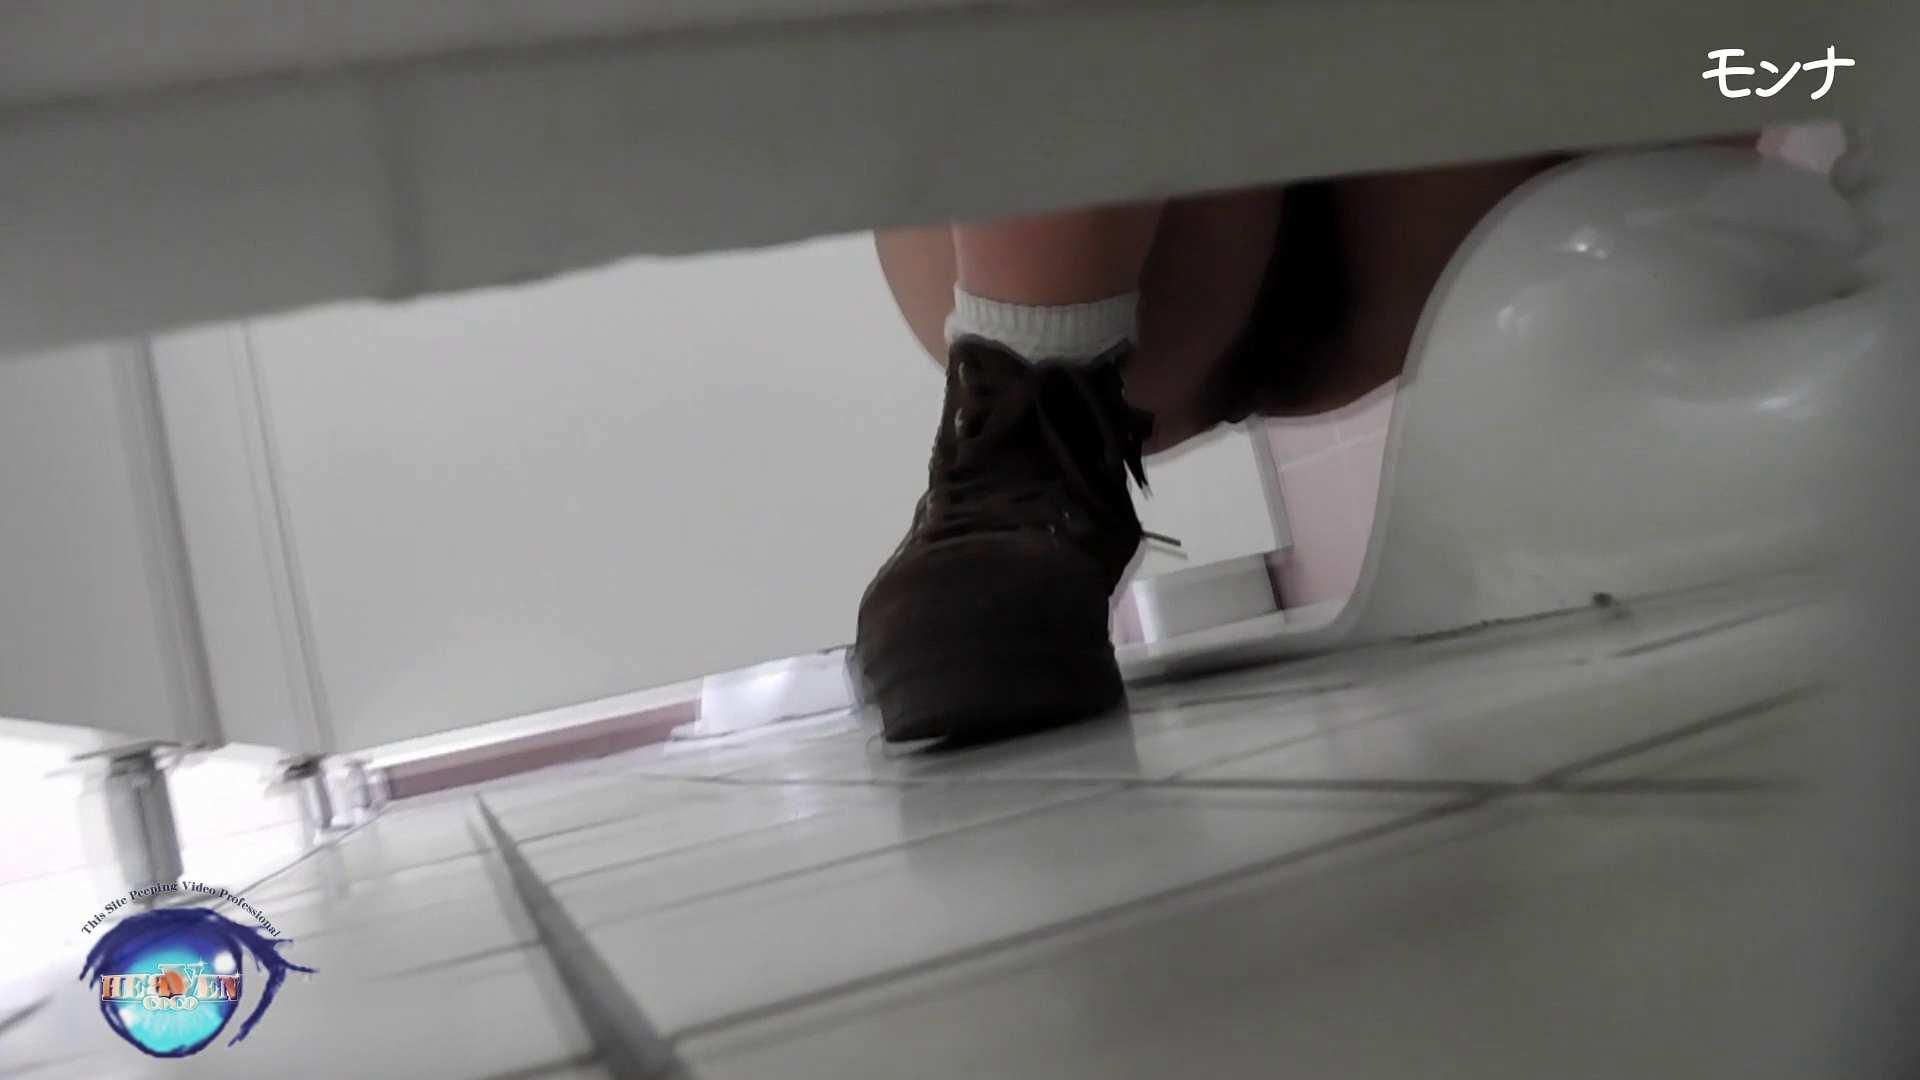 【美しい日本の未来】美しい日本の未来 No.76 育ちのいいお嬢様達は、トイレの姿勢も綺麗・・・・・ お尻  87PICs 12